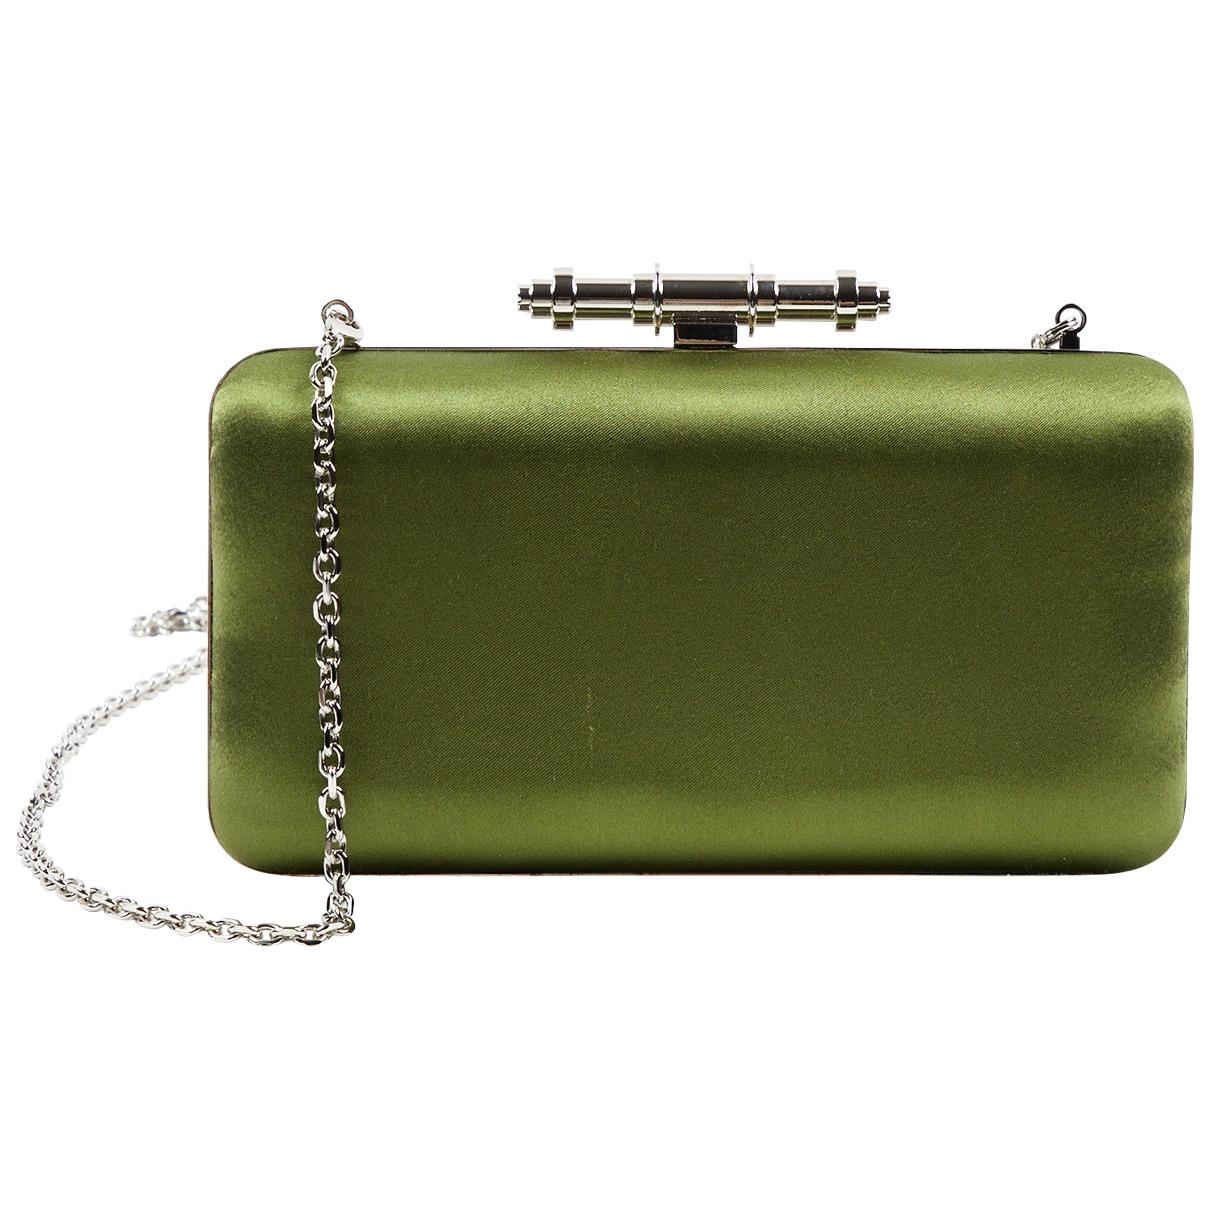 Givenchy \N Handtasche in  Khaki Leinen